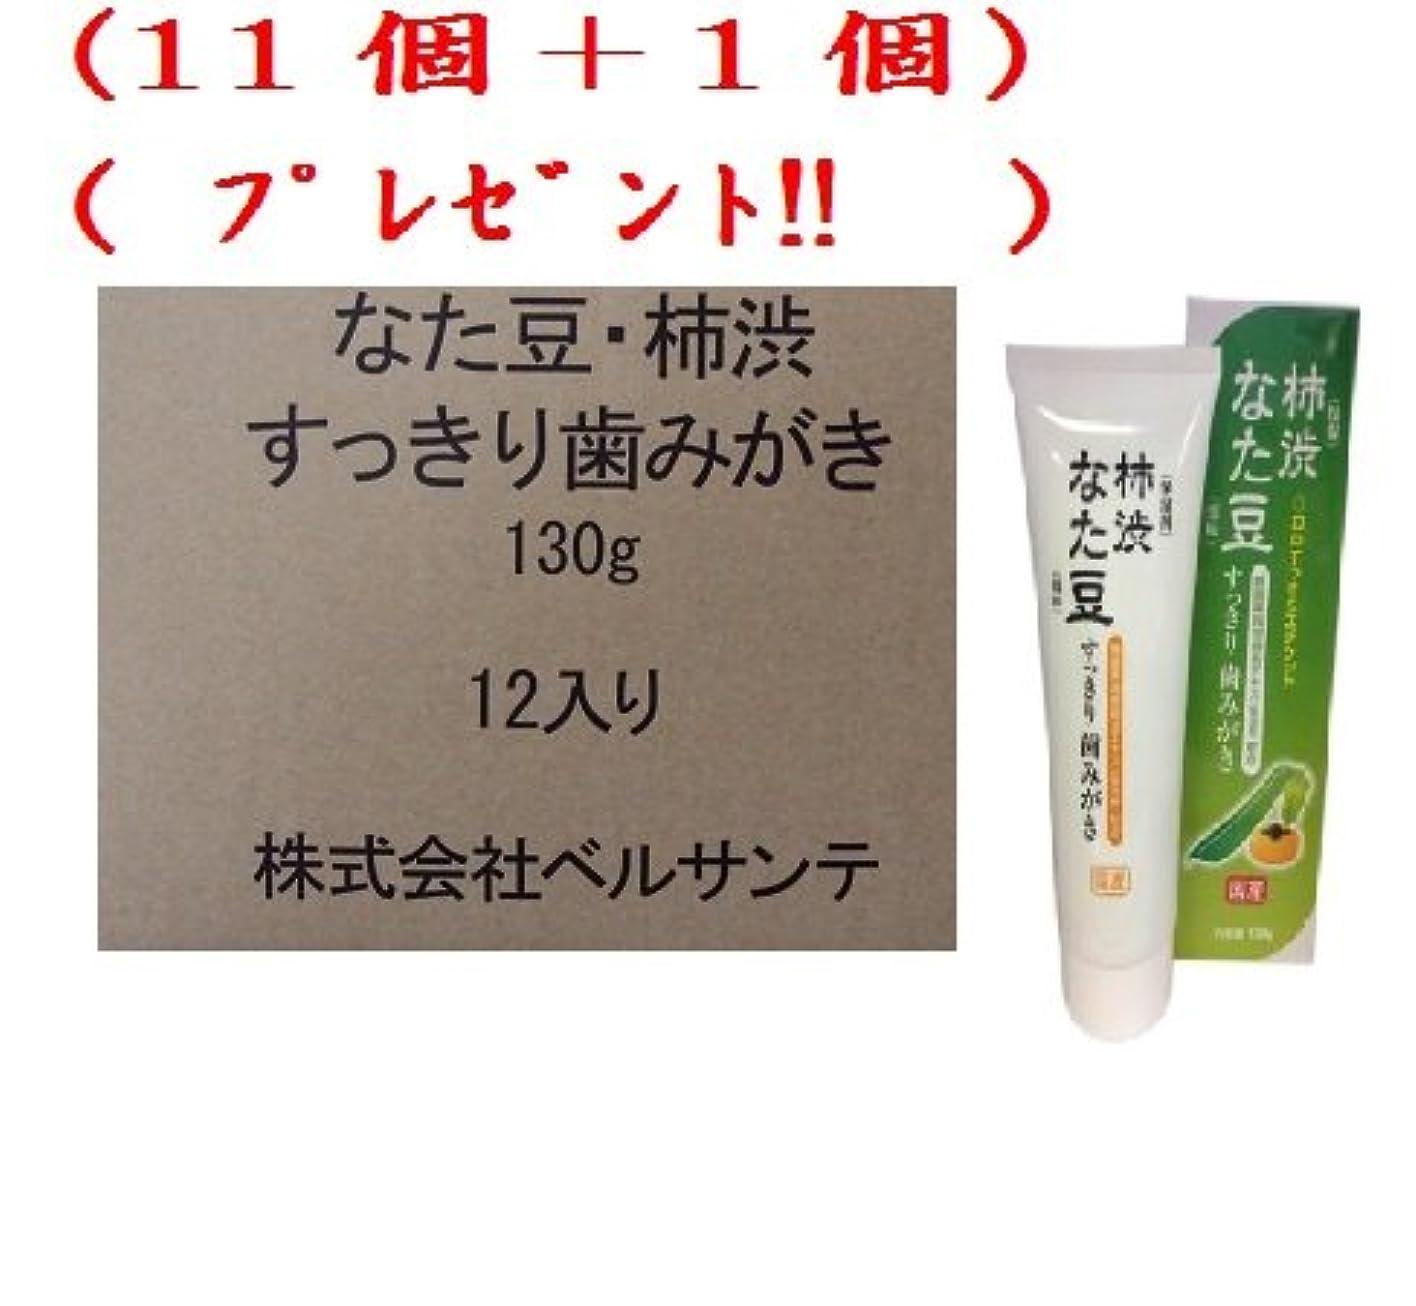 遠い例外マウスピースナタ豆柿渋歯みがき130g(●11個購入特別価額+1個プレゼント)